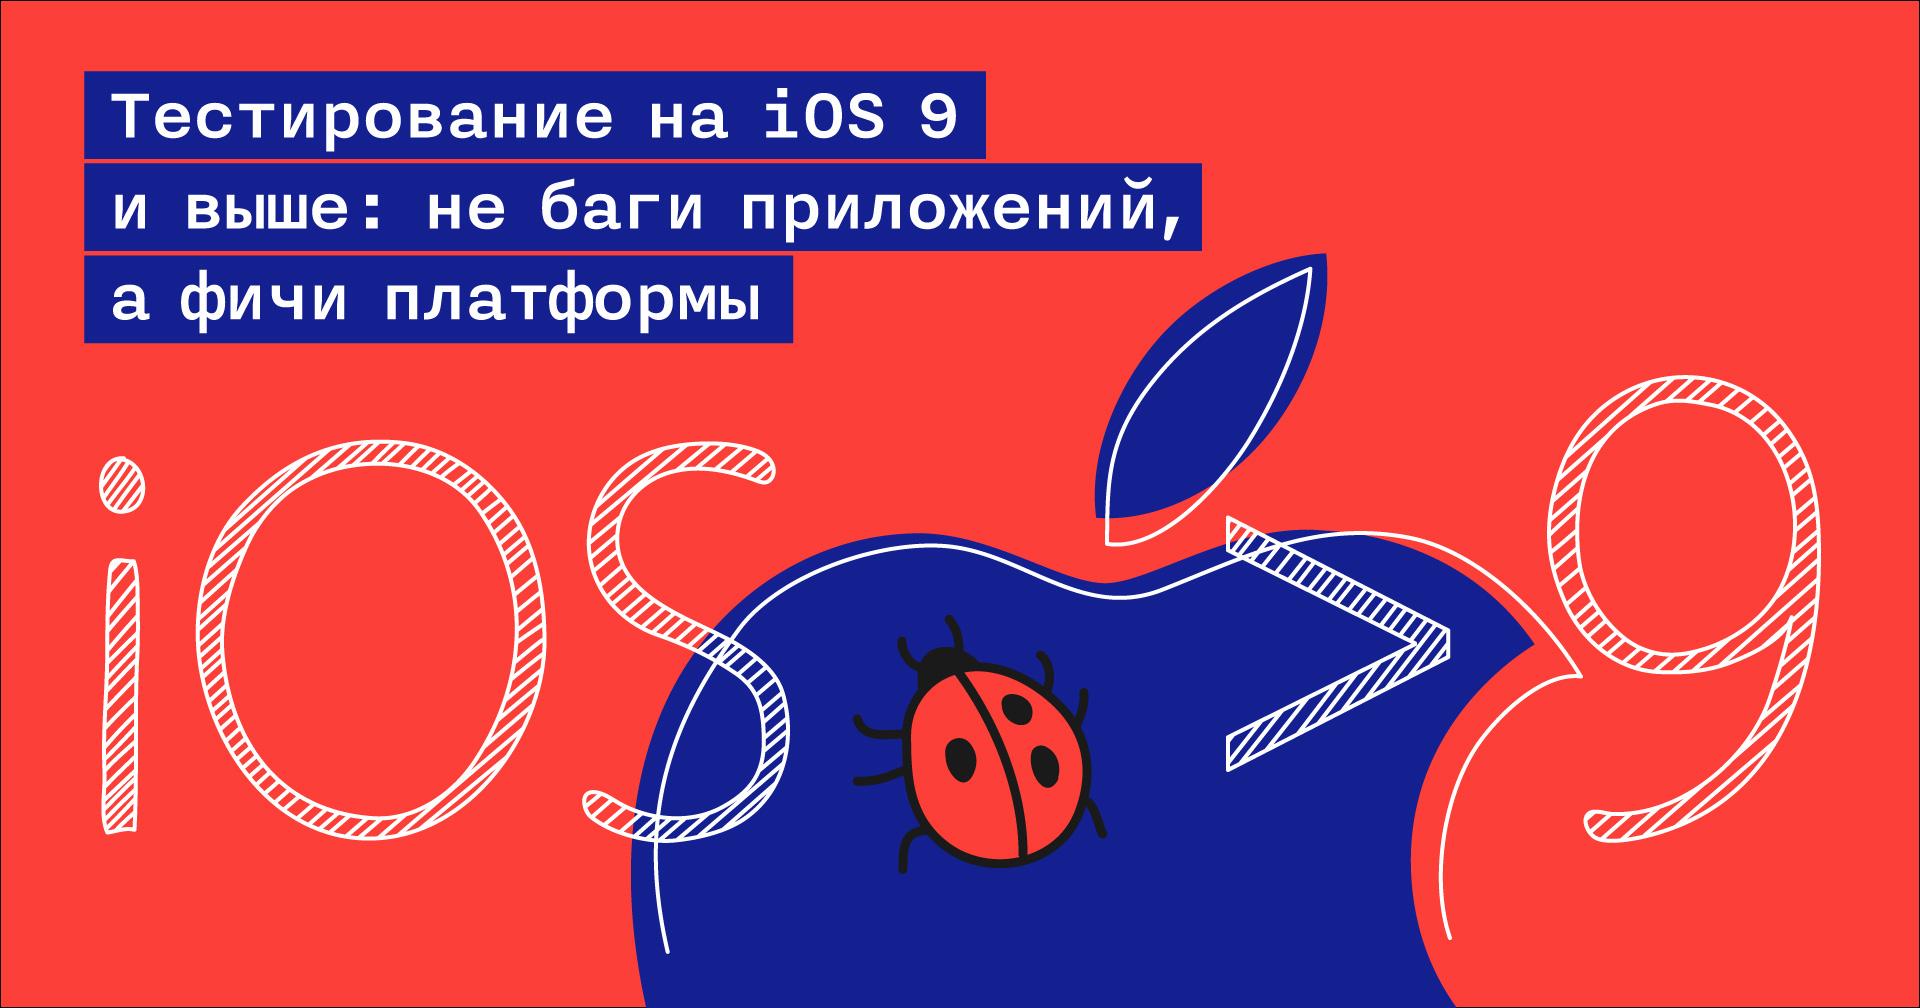 Тестирование на iOS 9 и выше: не баги приложений, а фичи платформы